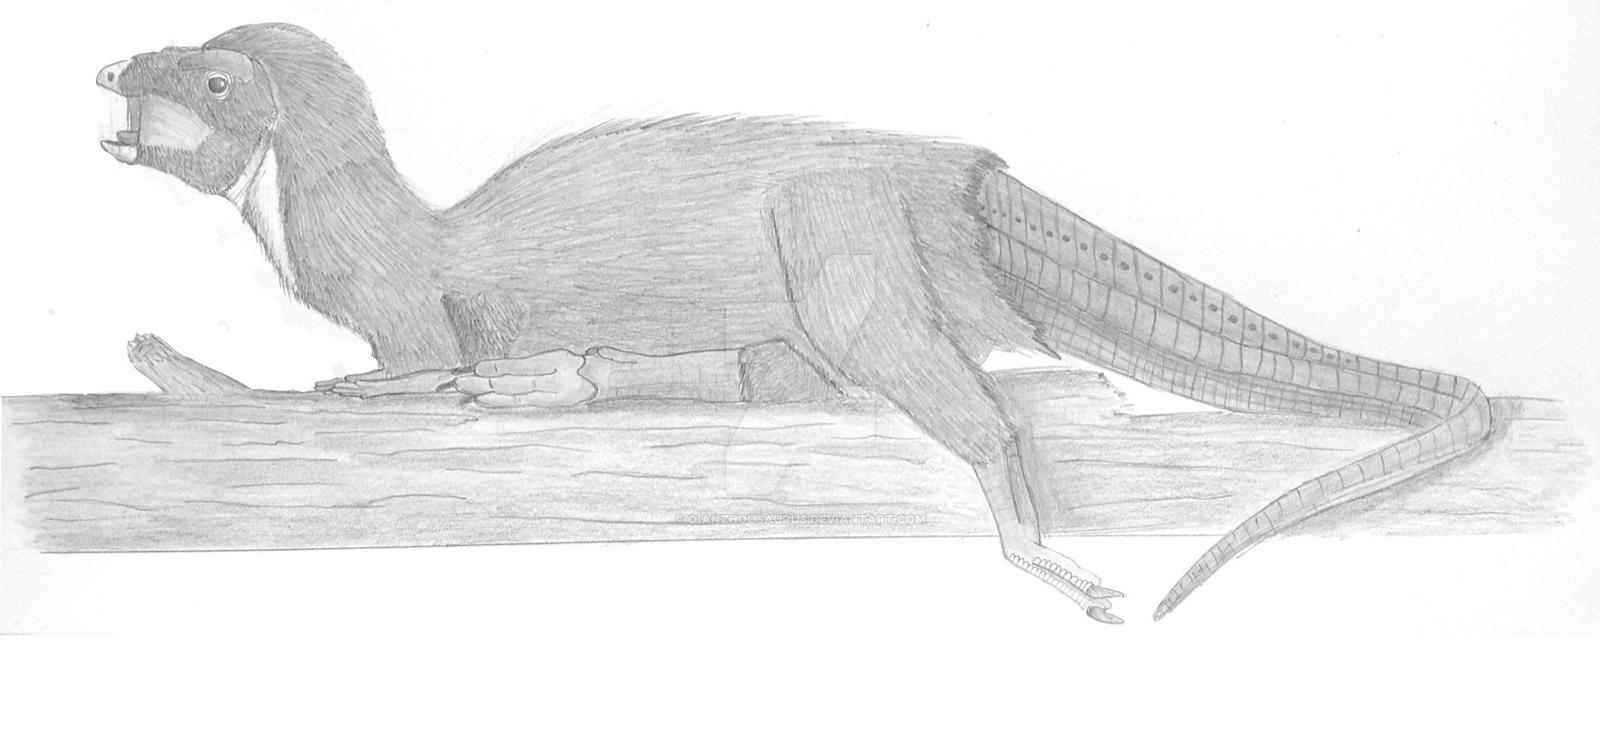 Profile: Kulindadromeus zabaikalicus by Qianzhousaurus